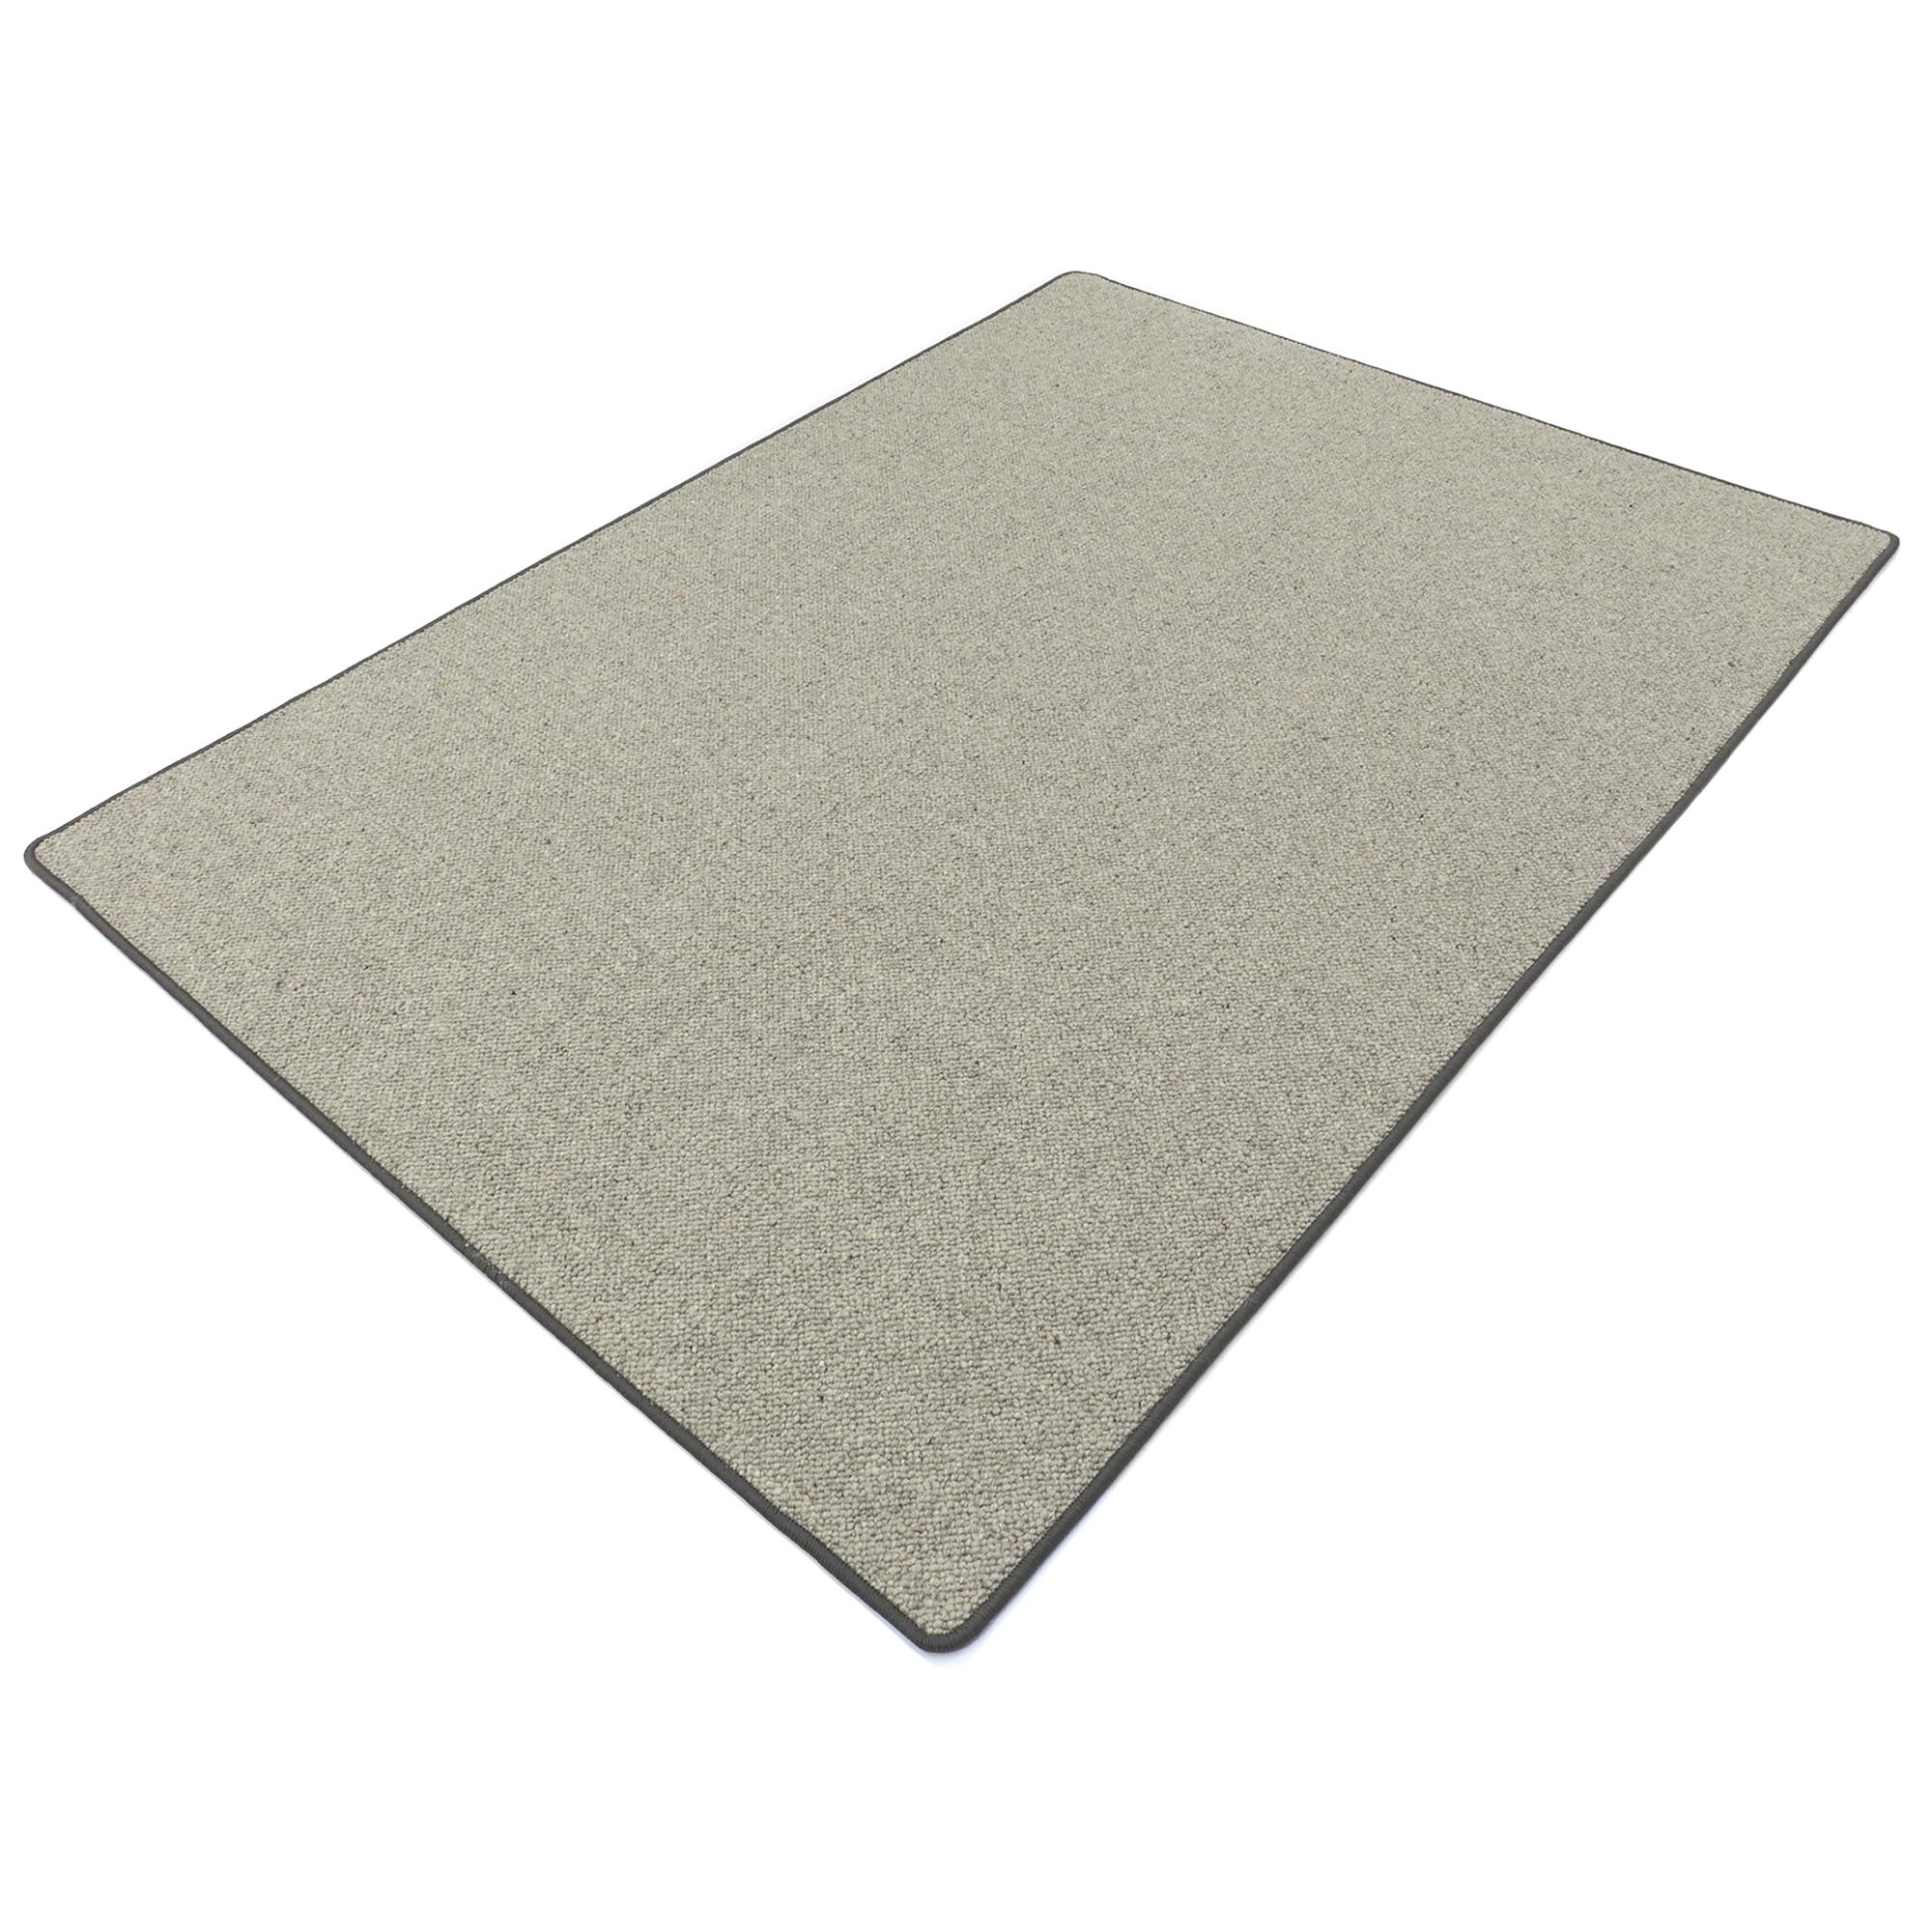 Teppich hellgrau wolle  Corfu Berber HEVO ® Kettel Teppich 300x400 cm XXL 100% Wolle